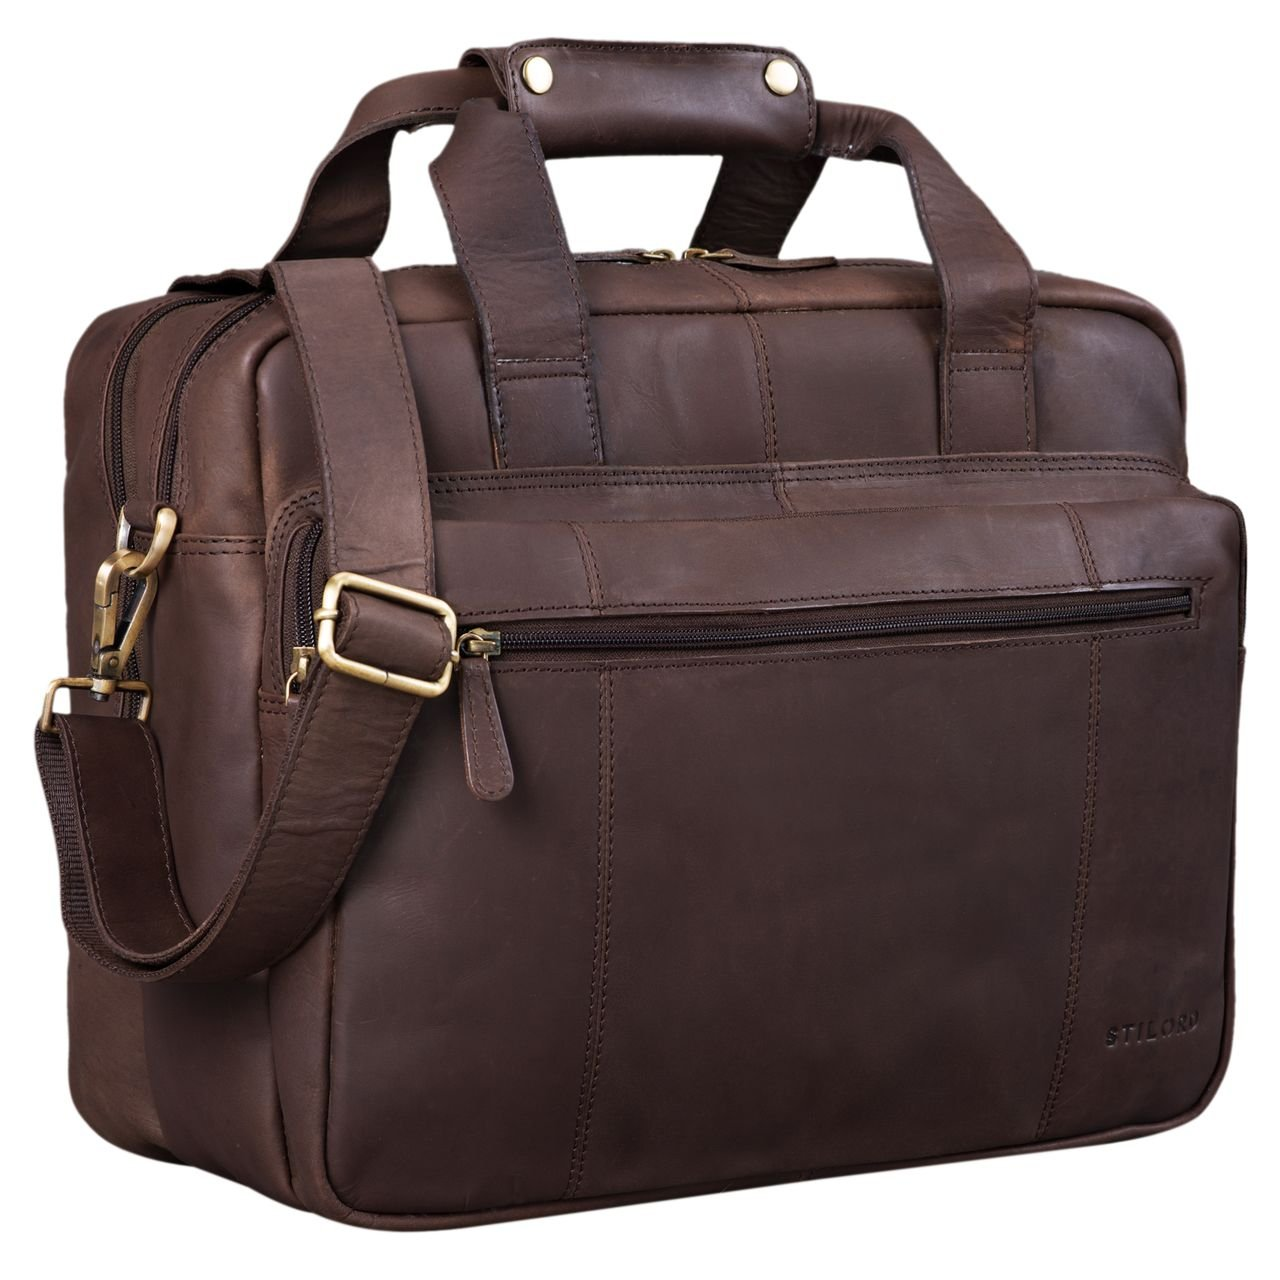 STILORD 'Experience' Vintage Lehrertasche Leder groß für Herren Damen XL Aktentasche Business Schulter- oder Umhängetasche für Laptop Trolley aufsteckbar, Farbe:matt - Dunkelbraun